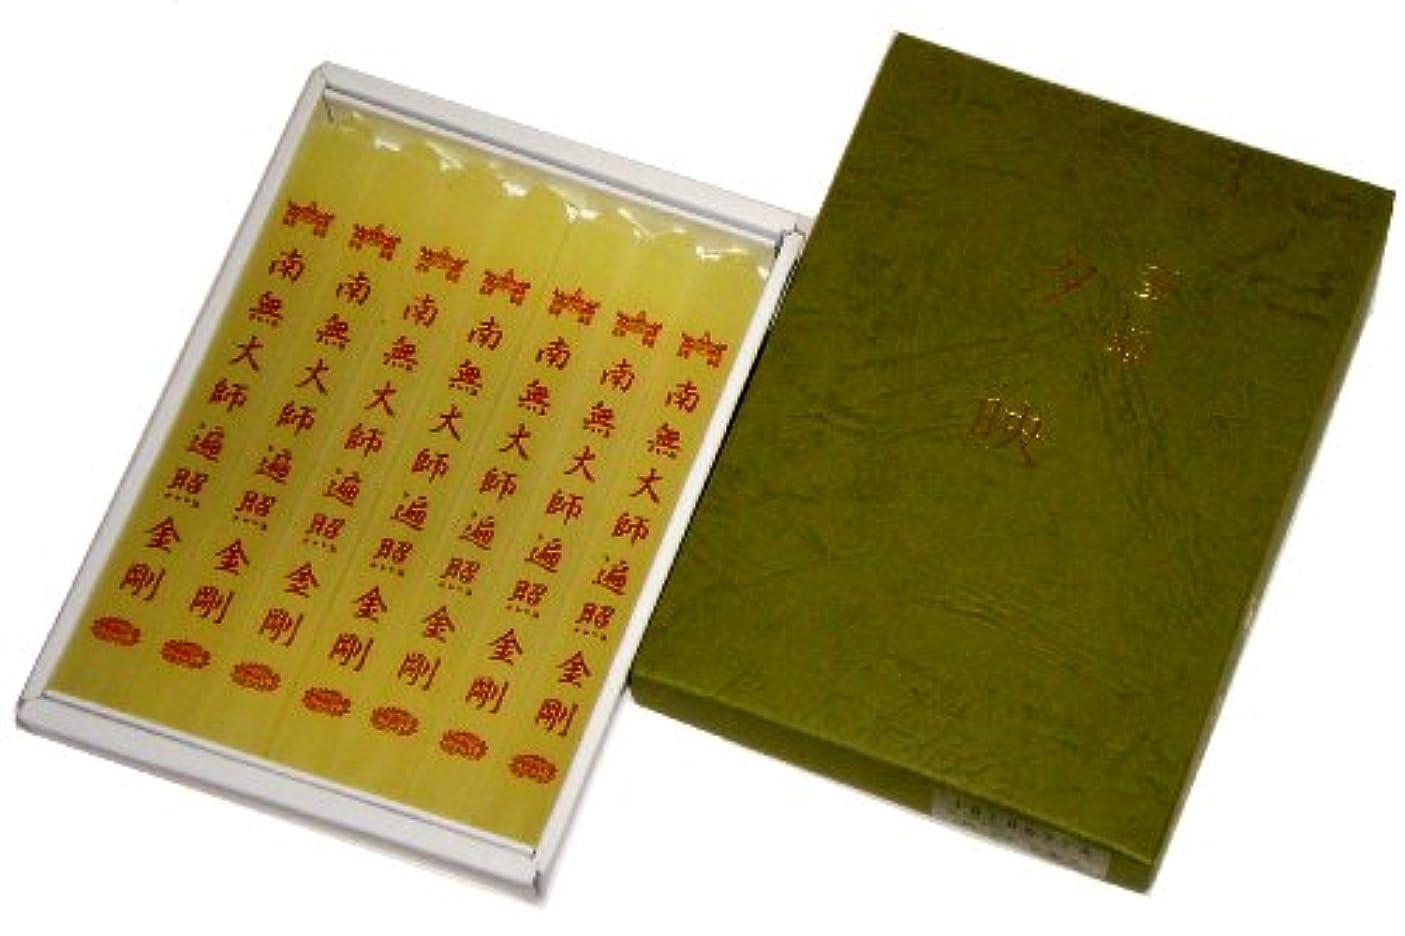 医師コウモリプラスチック鳥居のローソク 蜜蝋夕映 大師 7本入 紙箱 #100714